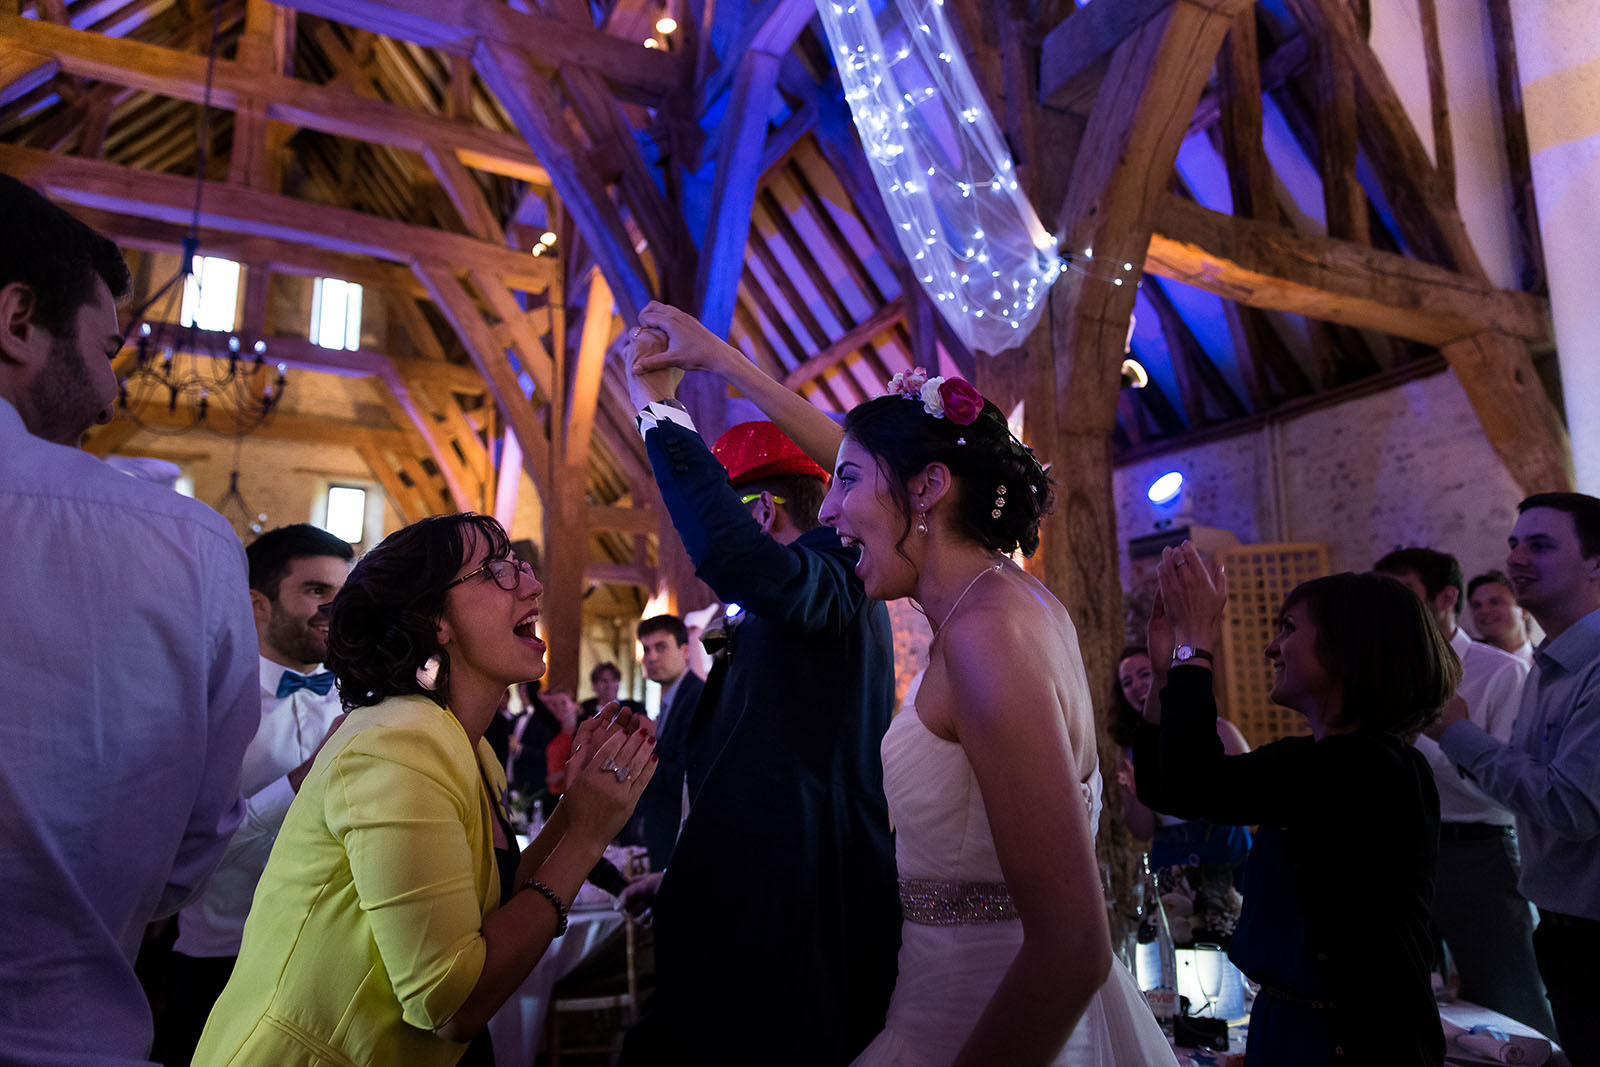 Mariage au Manoir de Corny en Normandie. L'arrivée des mariés à la soirée